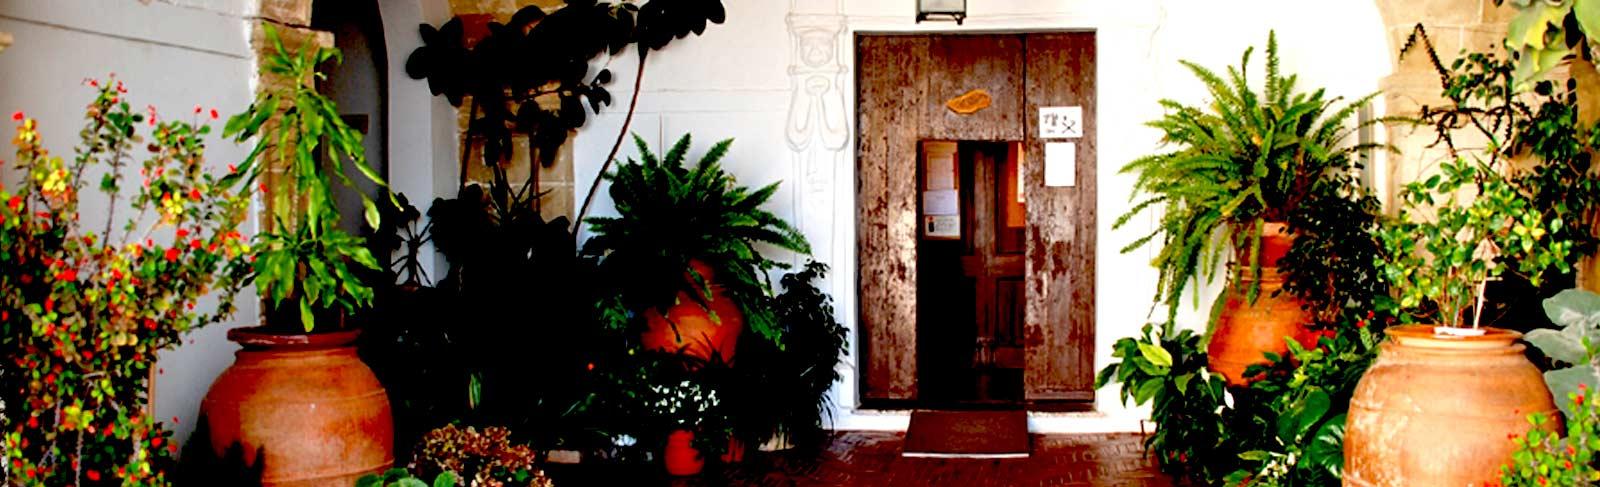 Tür zwischen Pflanzen